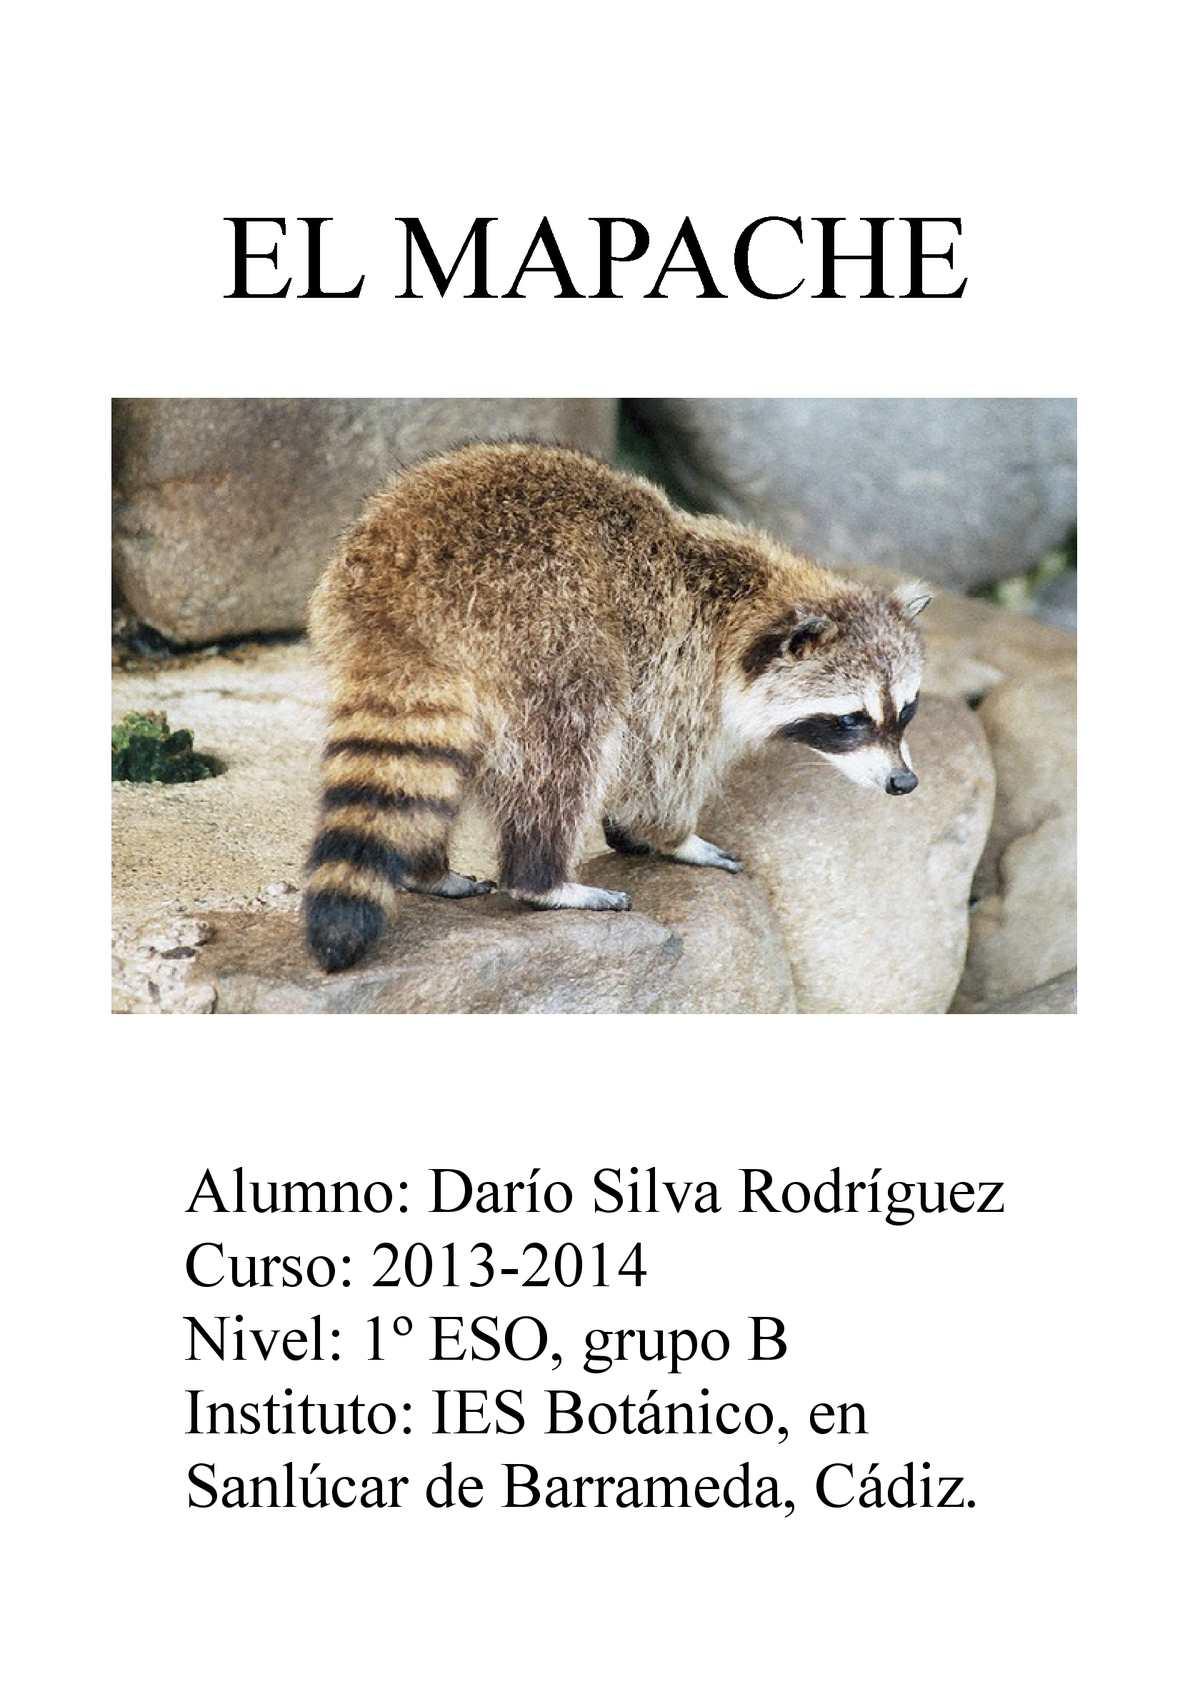 Calaméo - El mapache (Darío Silva)